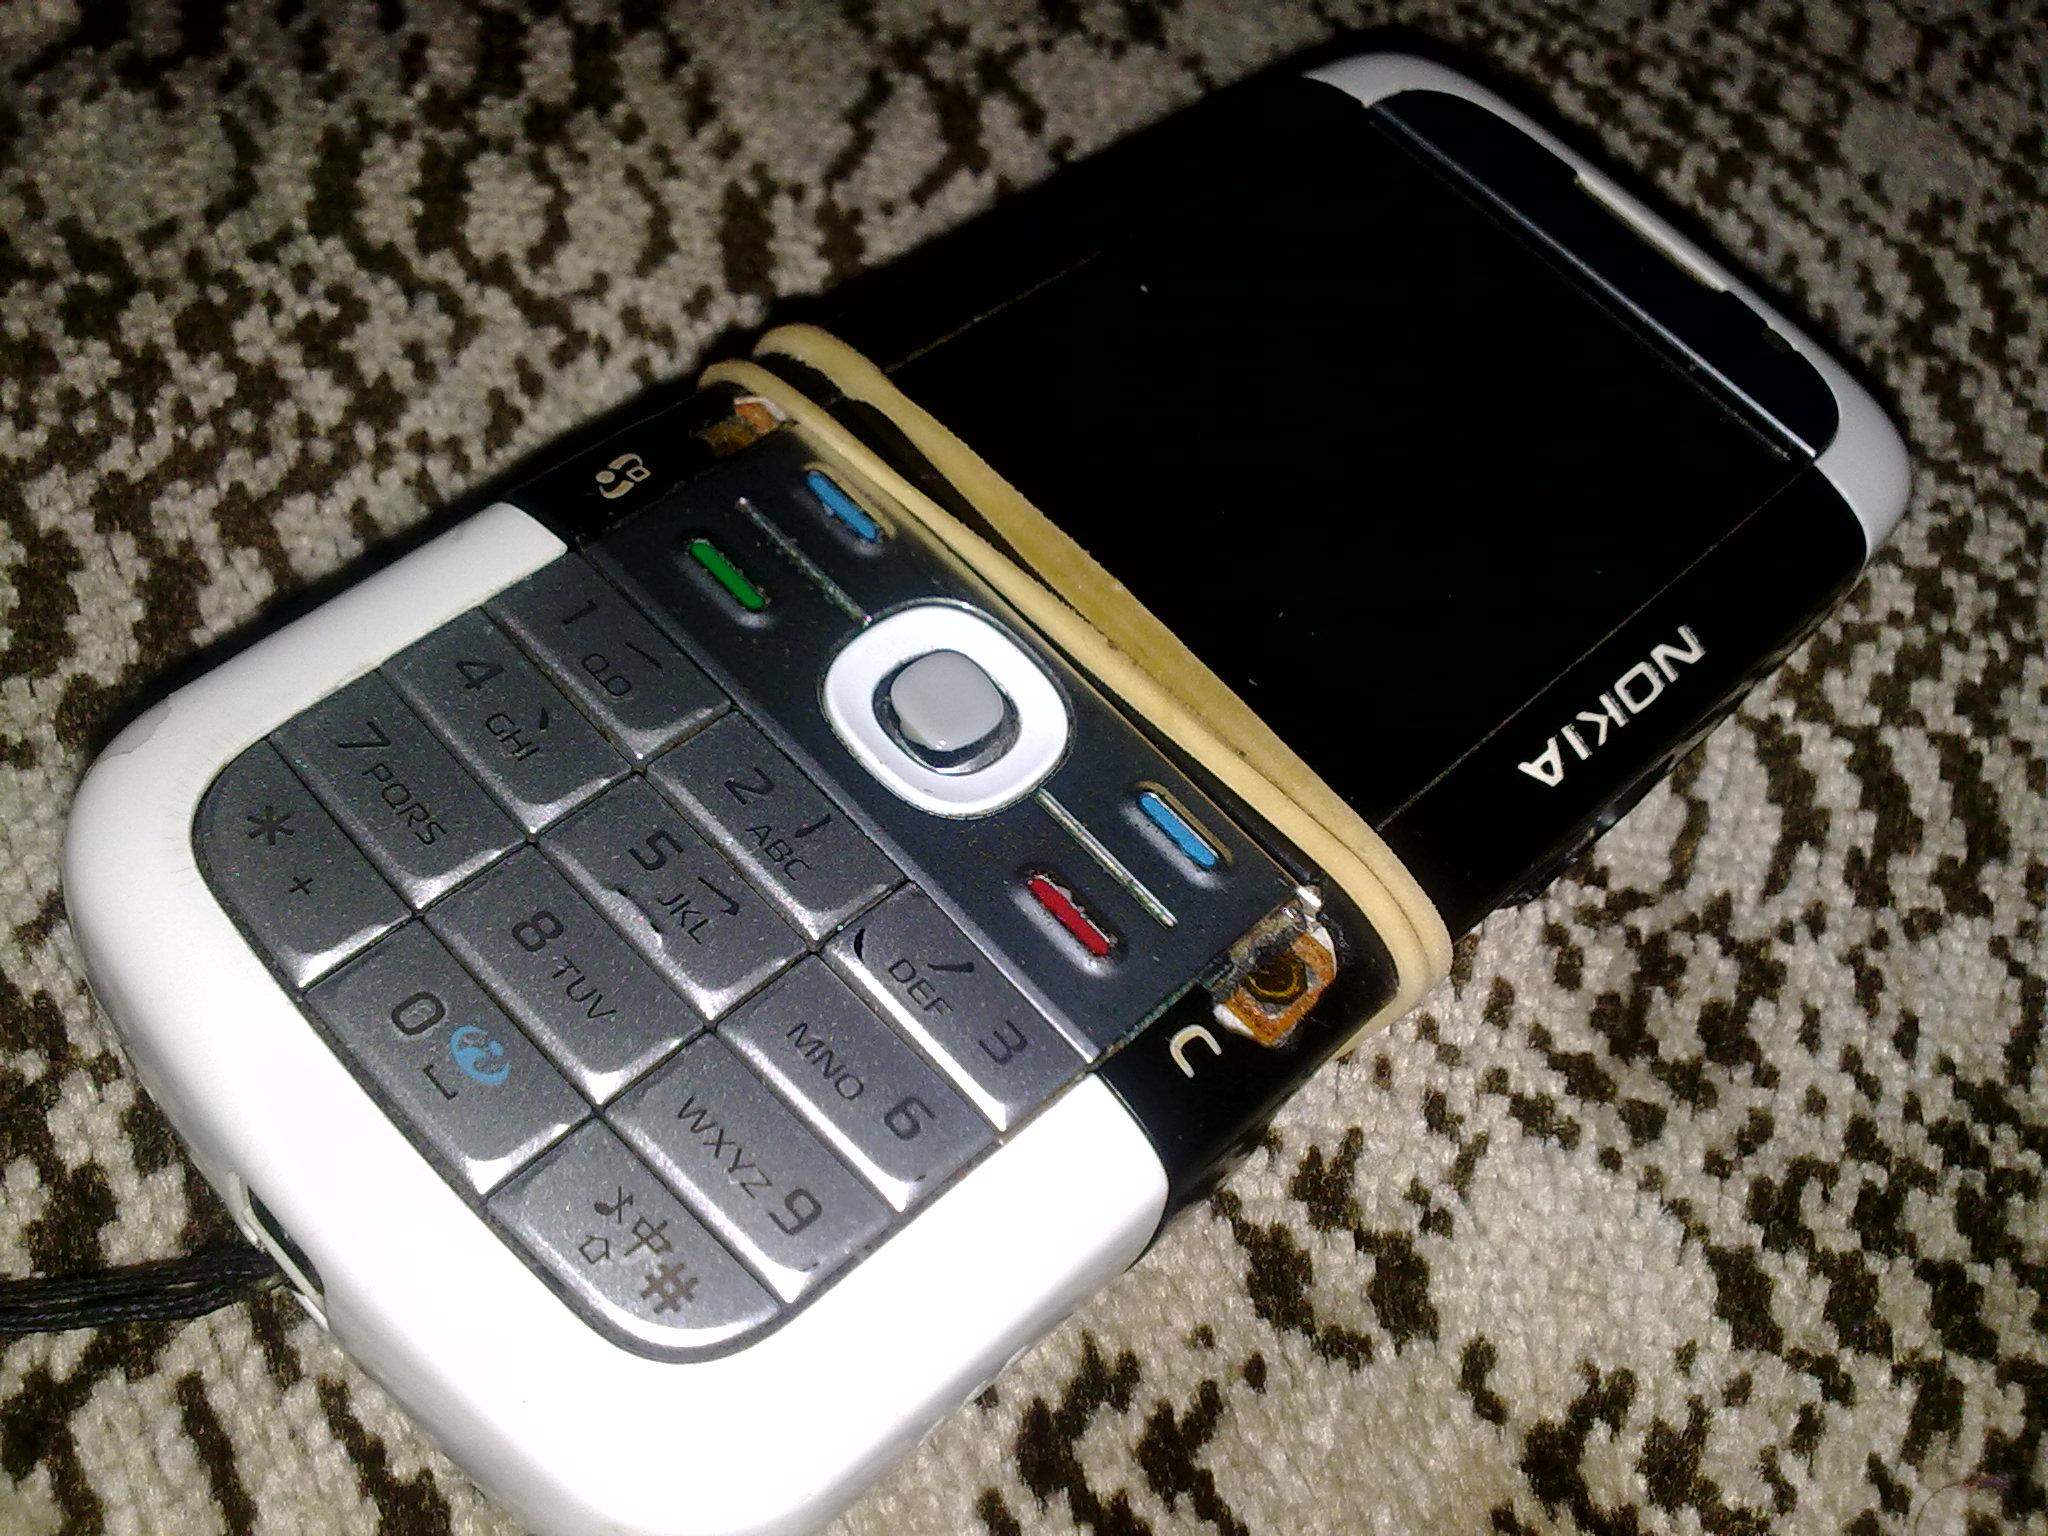 My Nokia 5700 XM